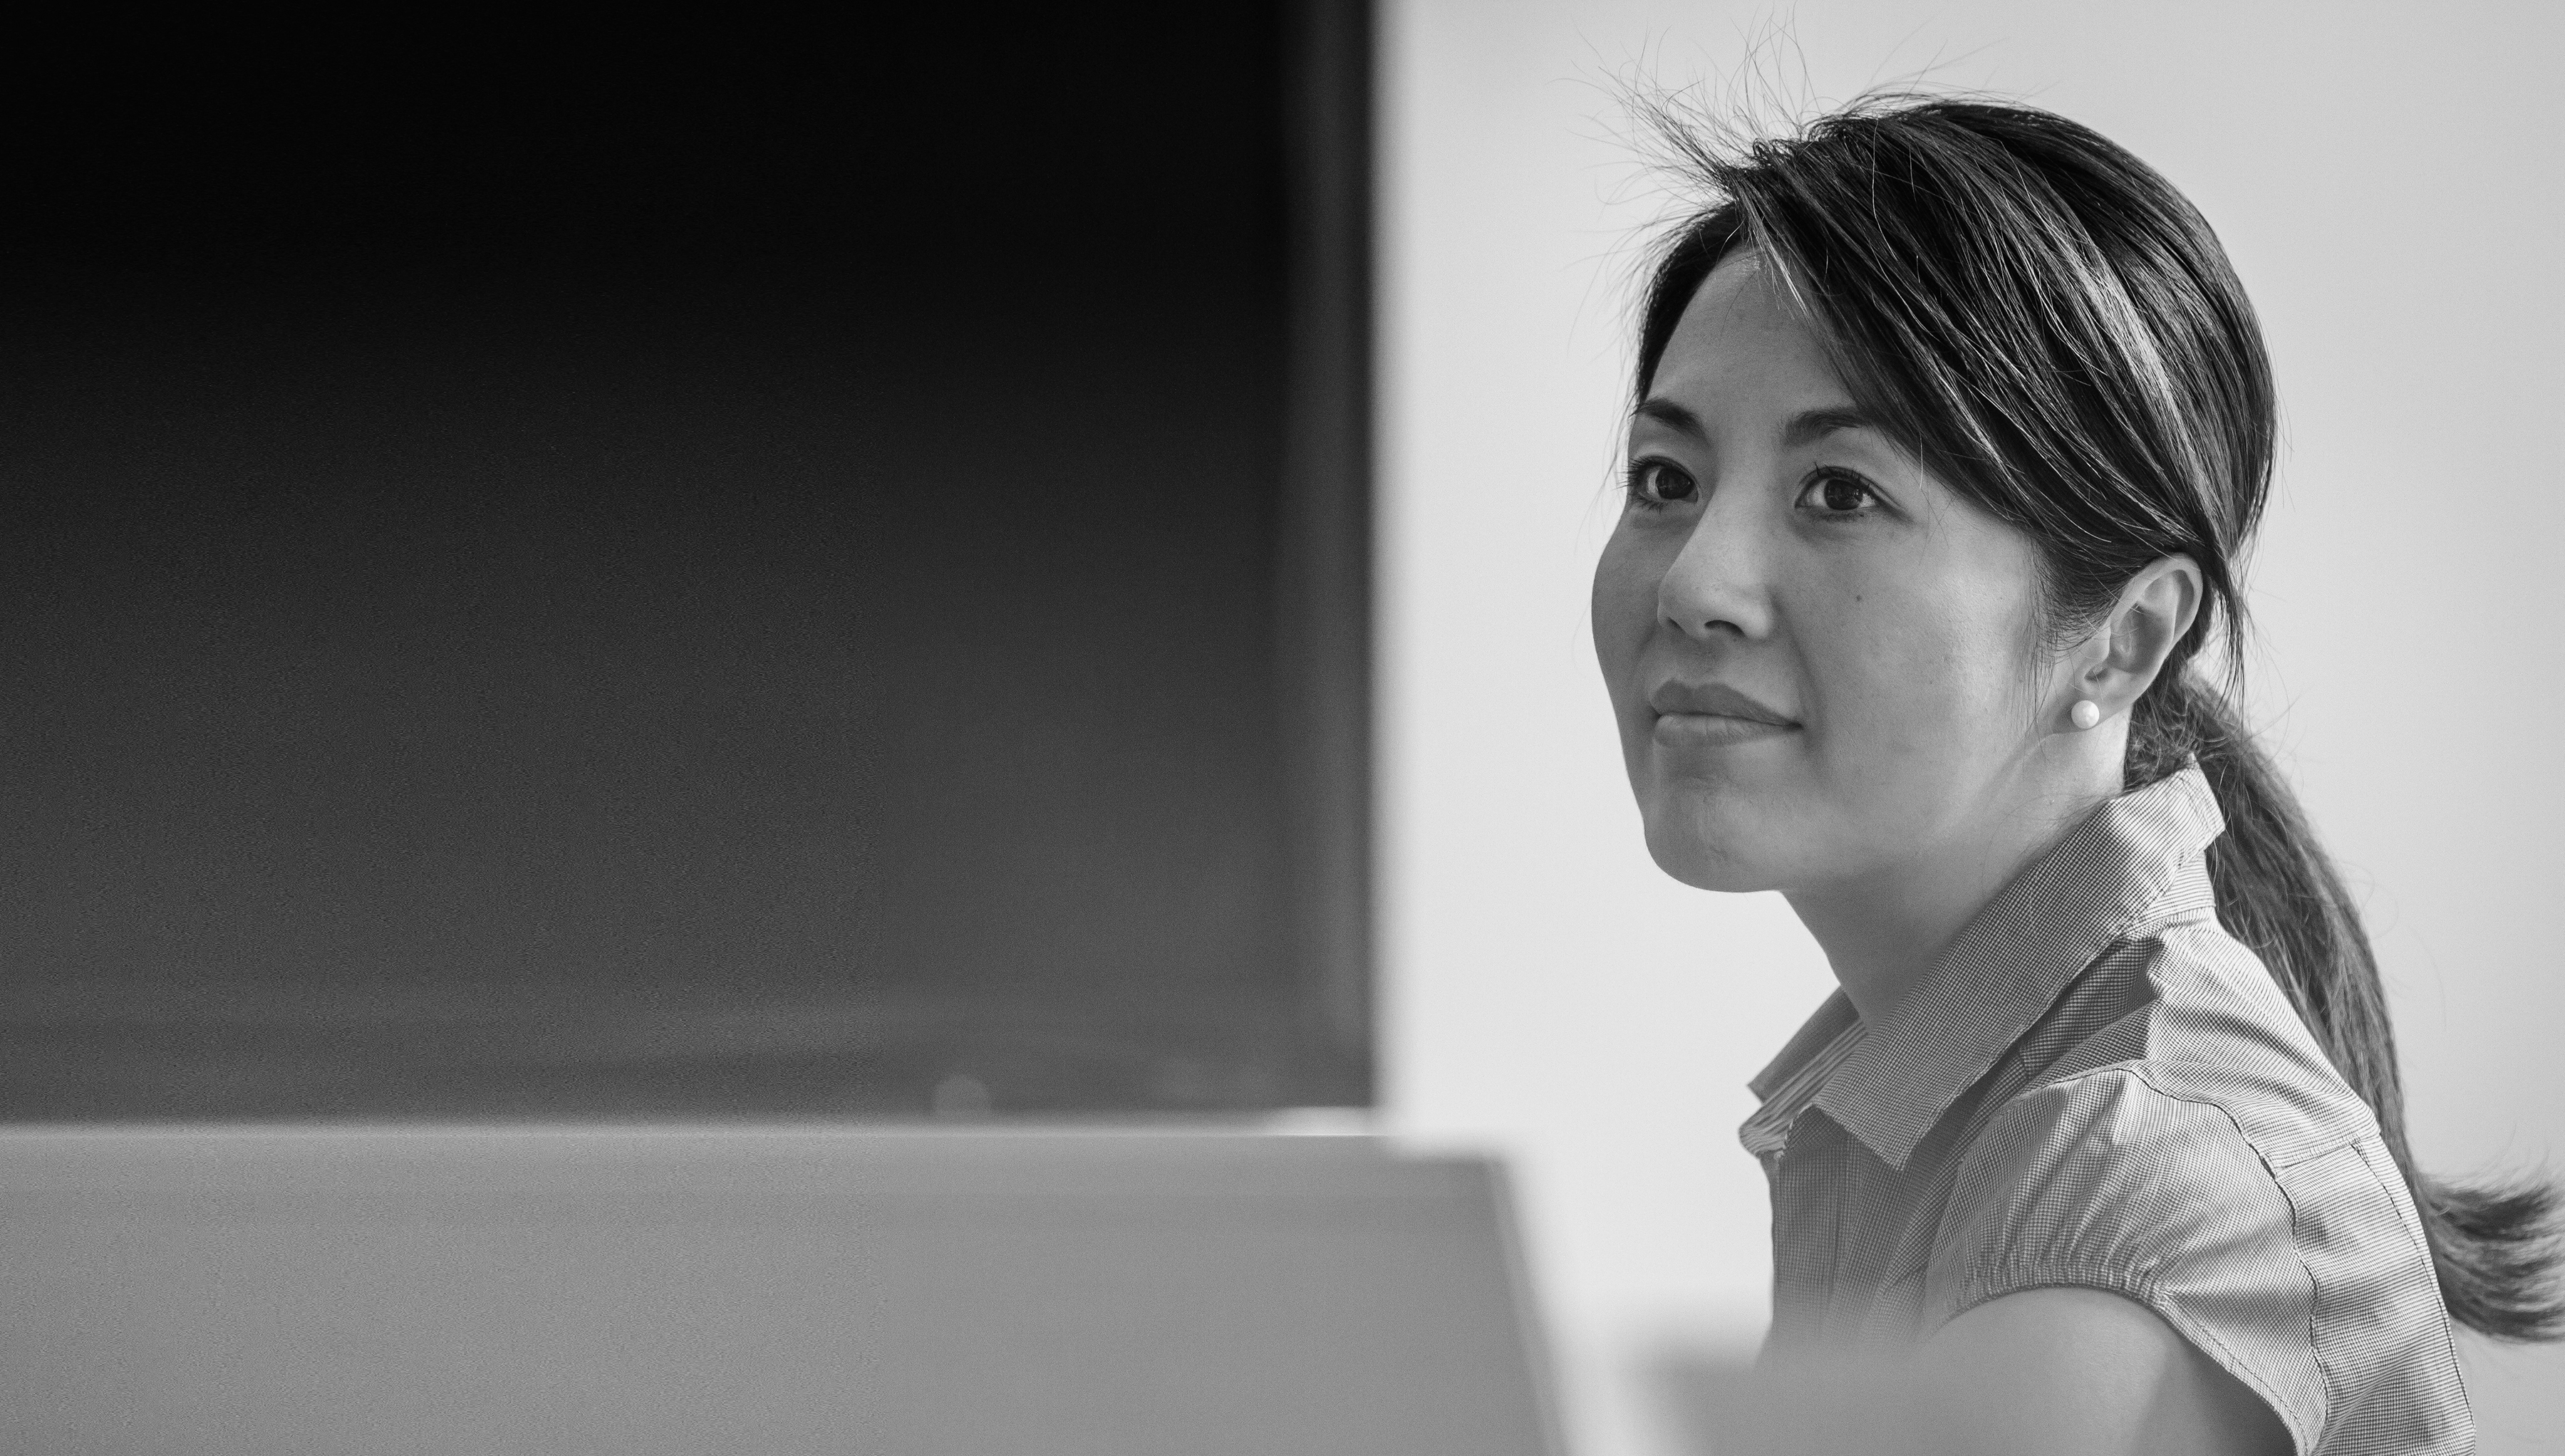 Por qué necesitamos a más mujeres en cargos directivos